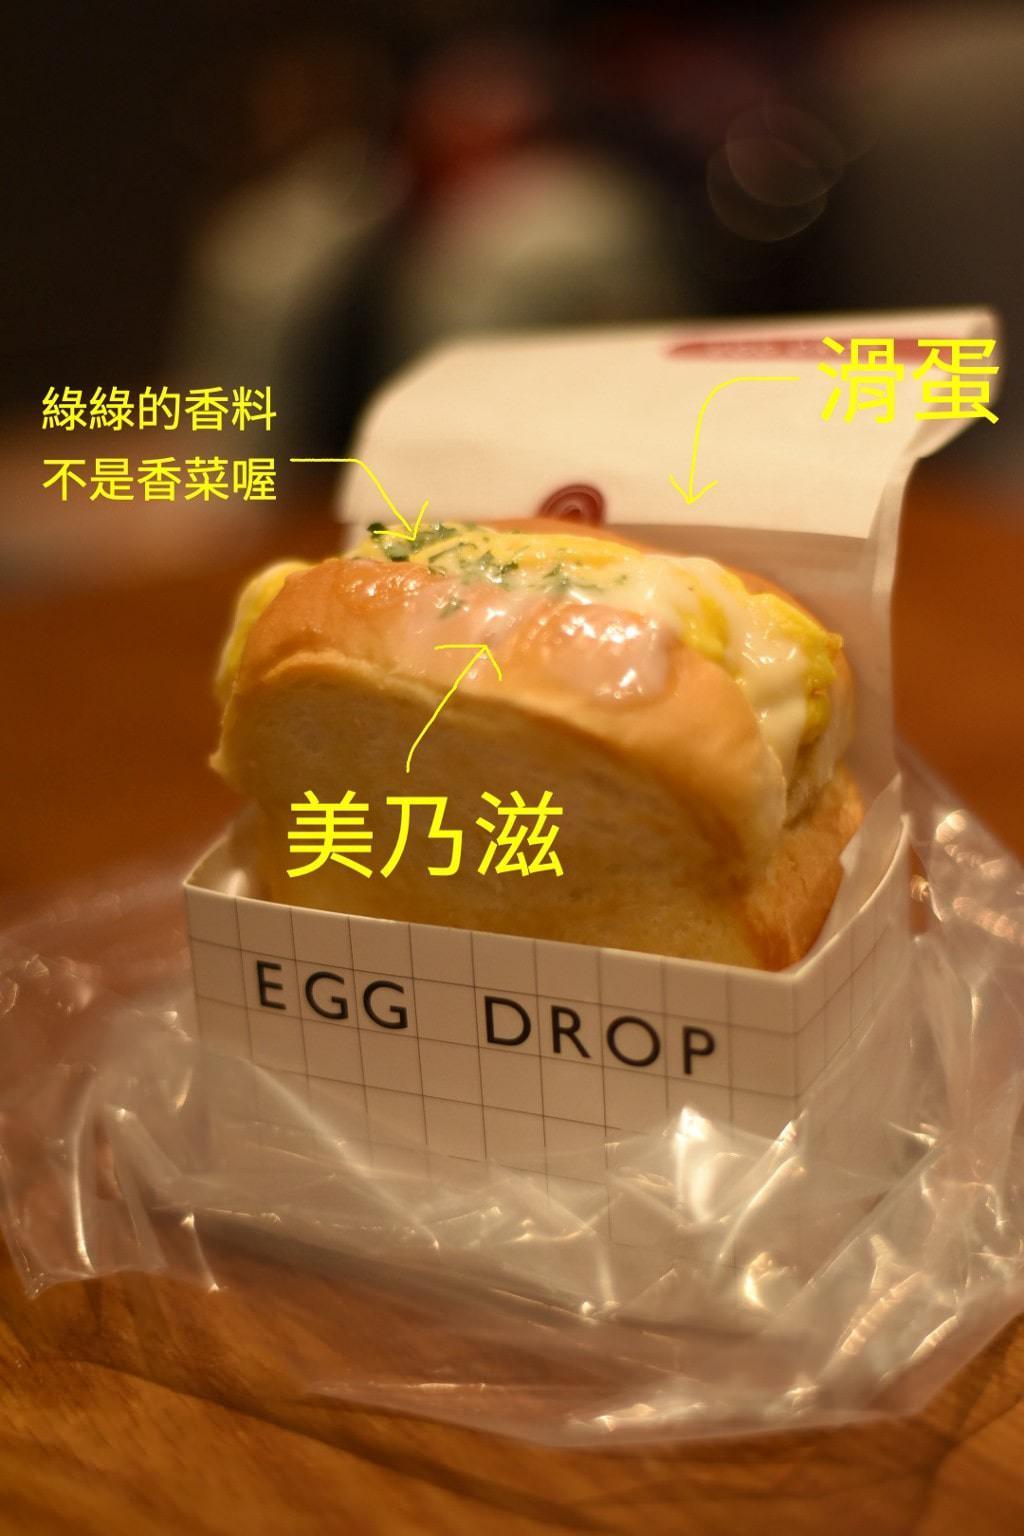 【韓國親子遊】釜山—美食篇:EGG DROP、THE VENTI、雷霆炸雞、宗家府豬肉湯飯